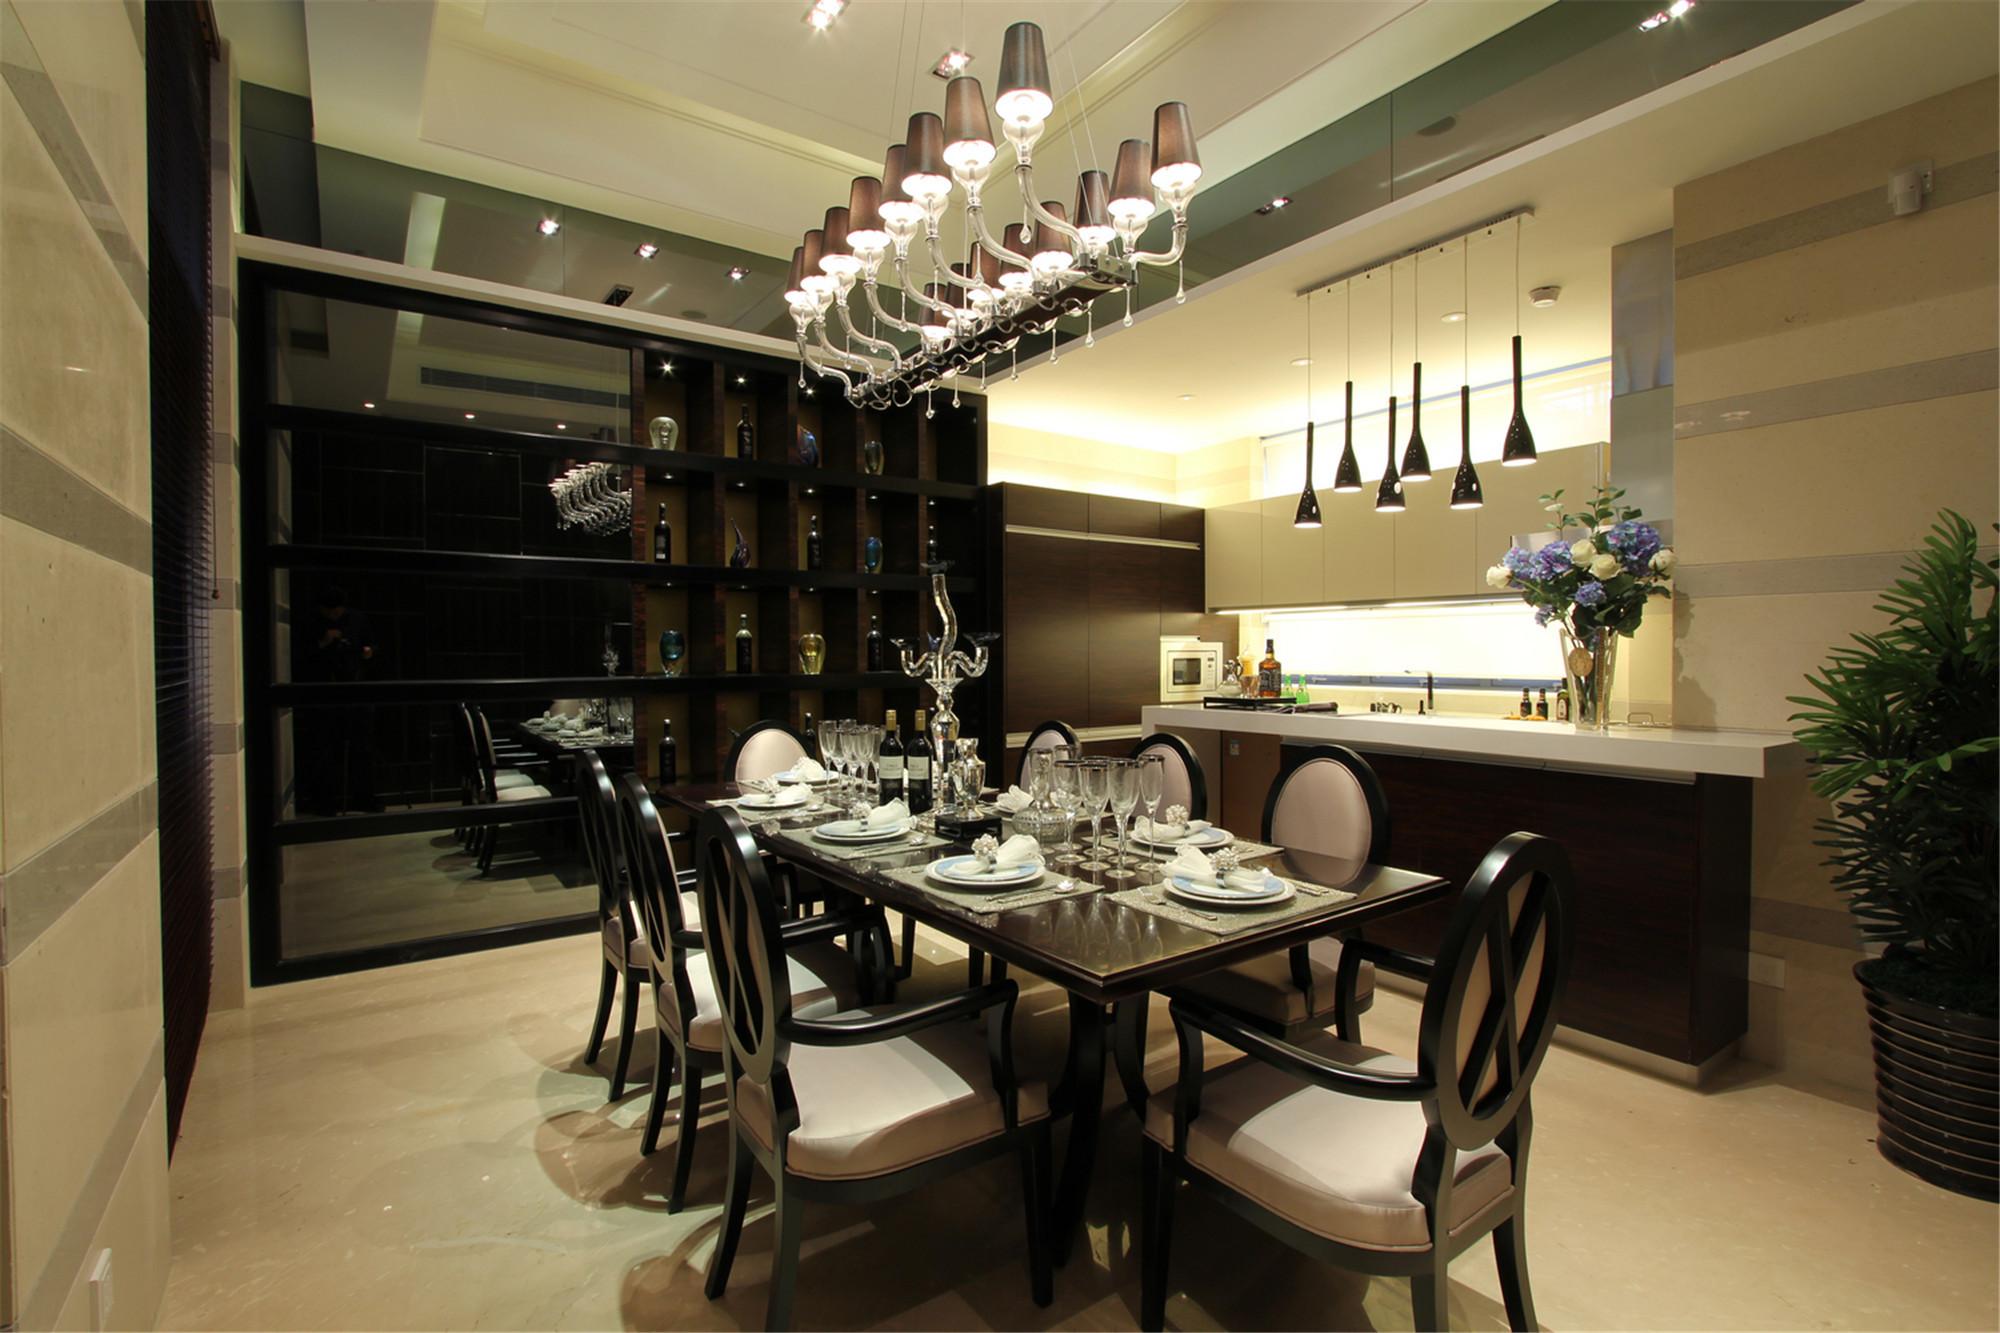 新古典别墅装修餐厅效果图设计图